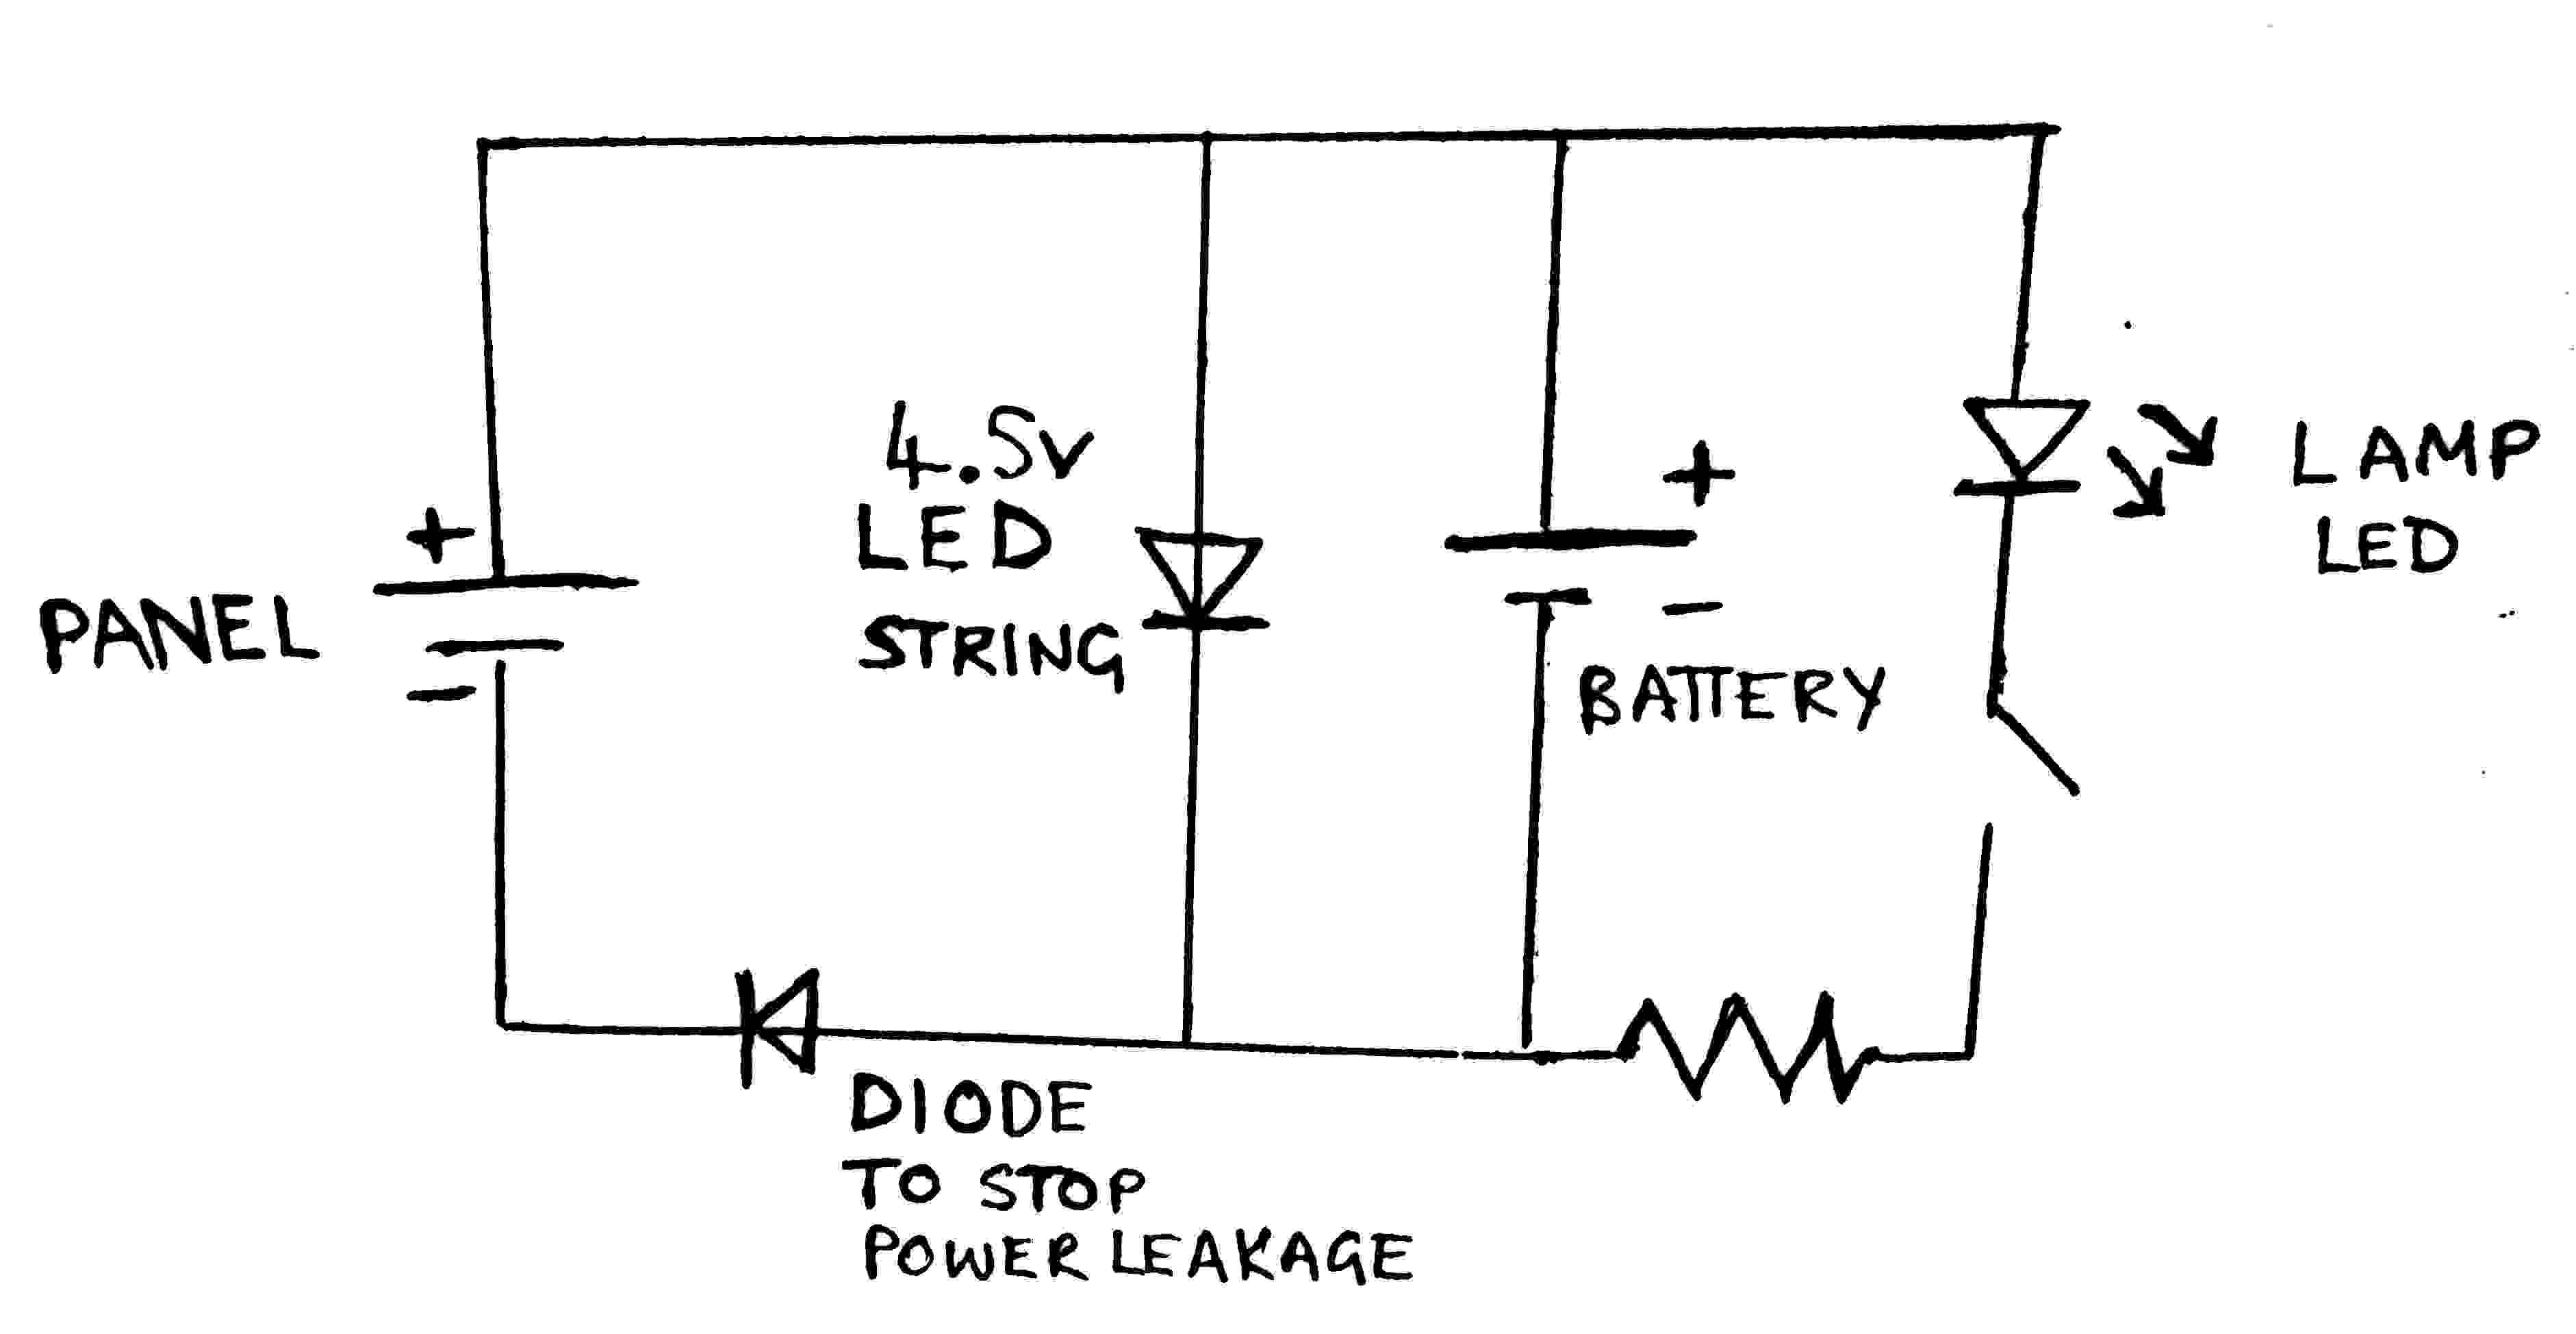 120v led wiring diagram wiring diagram blogs wiring diagram 120v led string lighting 120v led wiring diagram [ 3763 x 1948 Pixel ]